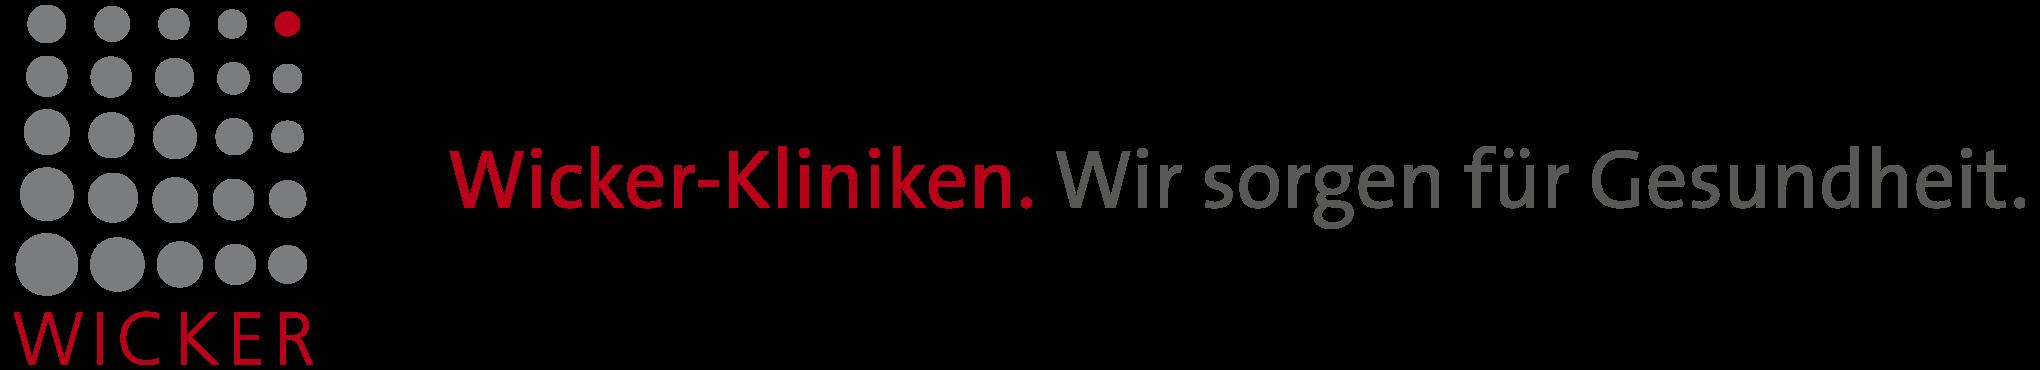 WICKER Logo Mit Claim Ab 2018 03 (002)